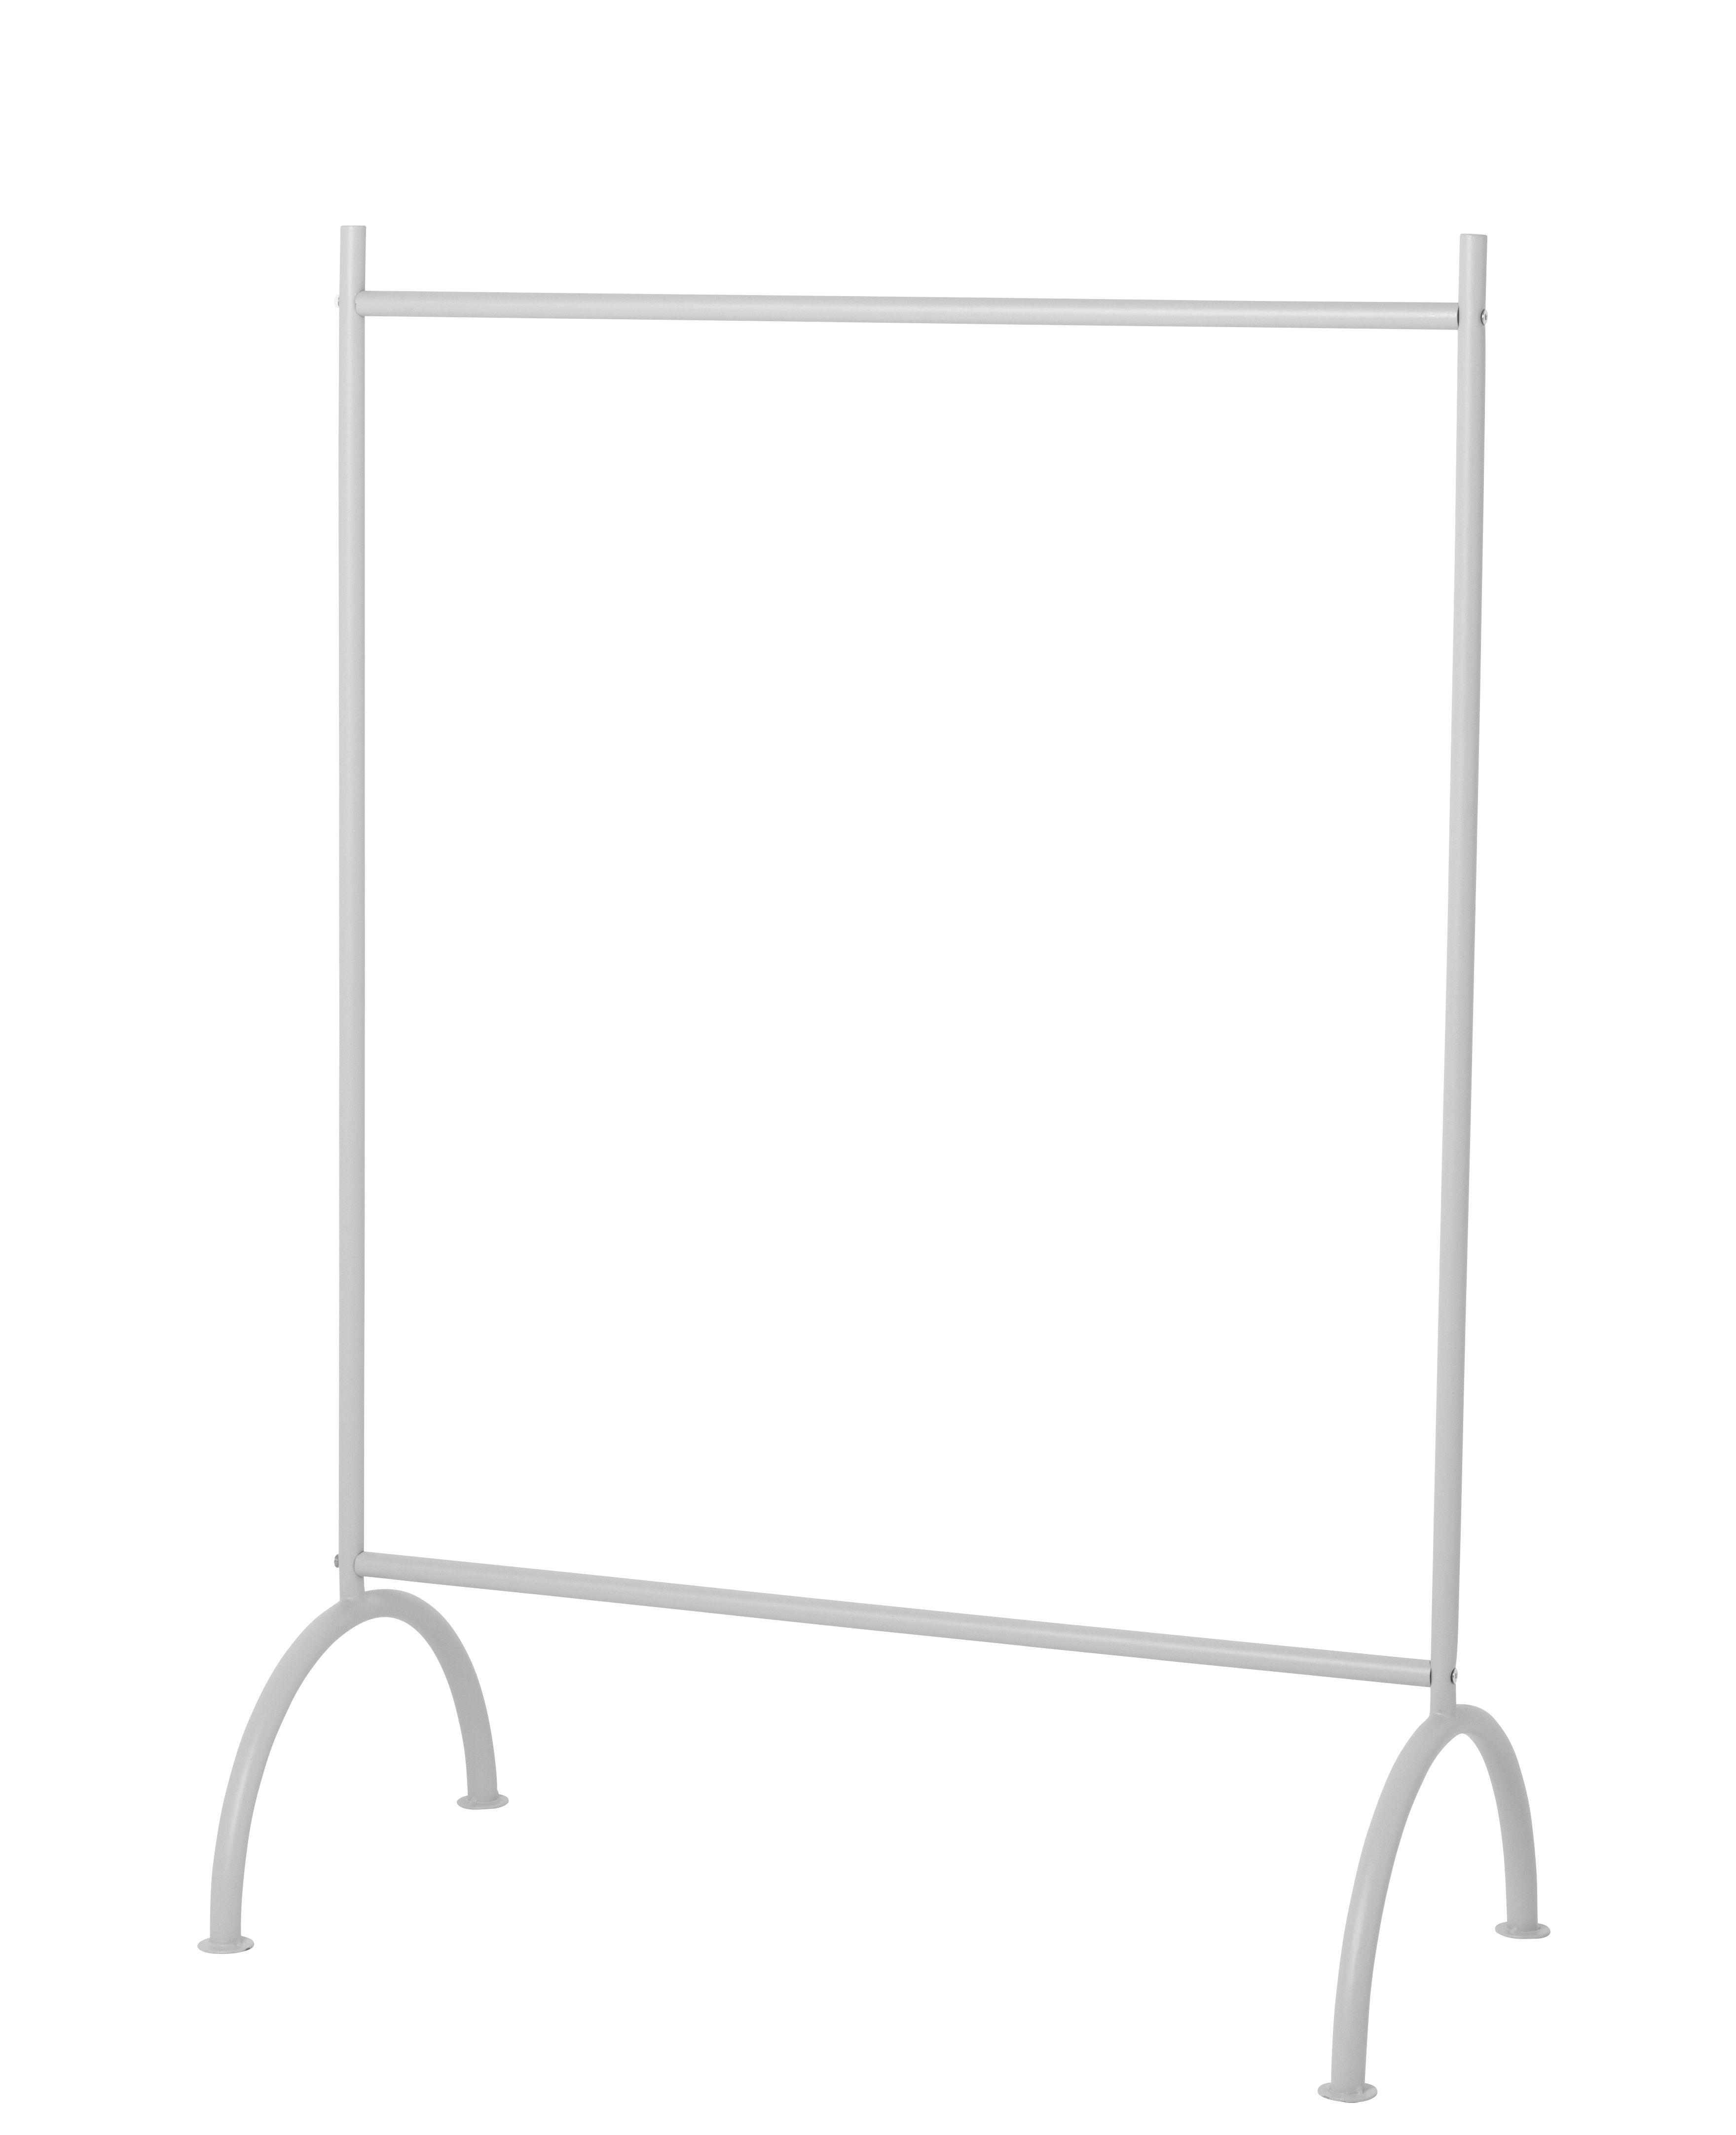 Möbel - Möbel für Kinder - Kids Kleiderständer / L 88 cm x H 122,5 cm - Ferm Living - Grau - Messing, Metall